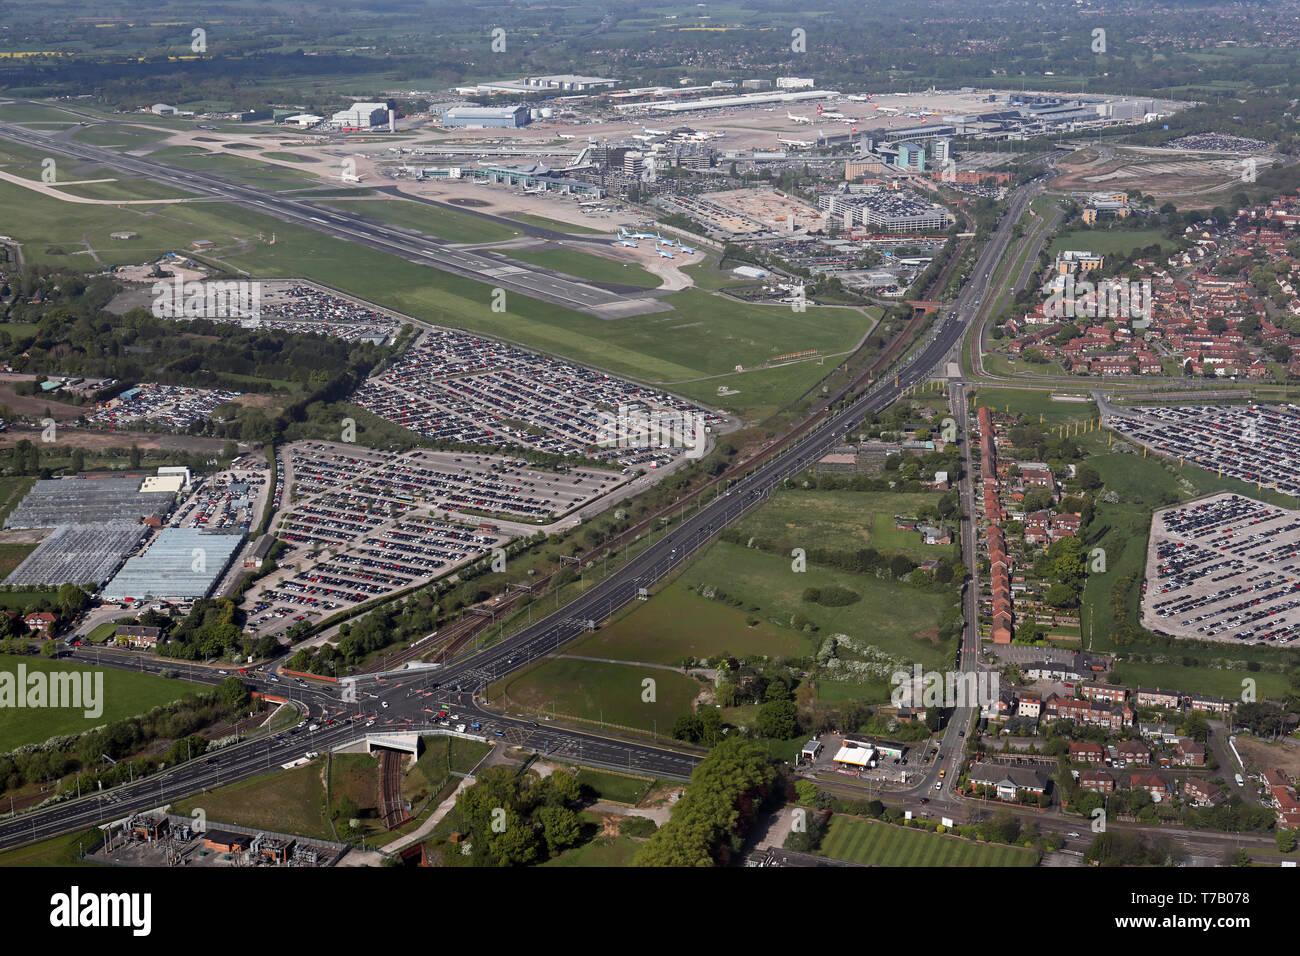 Vista aerea di parcheggi intorno all'Aeroporto di Manchester Immagini Stock